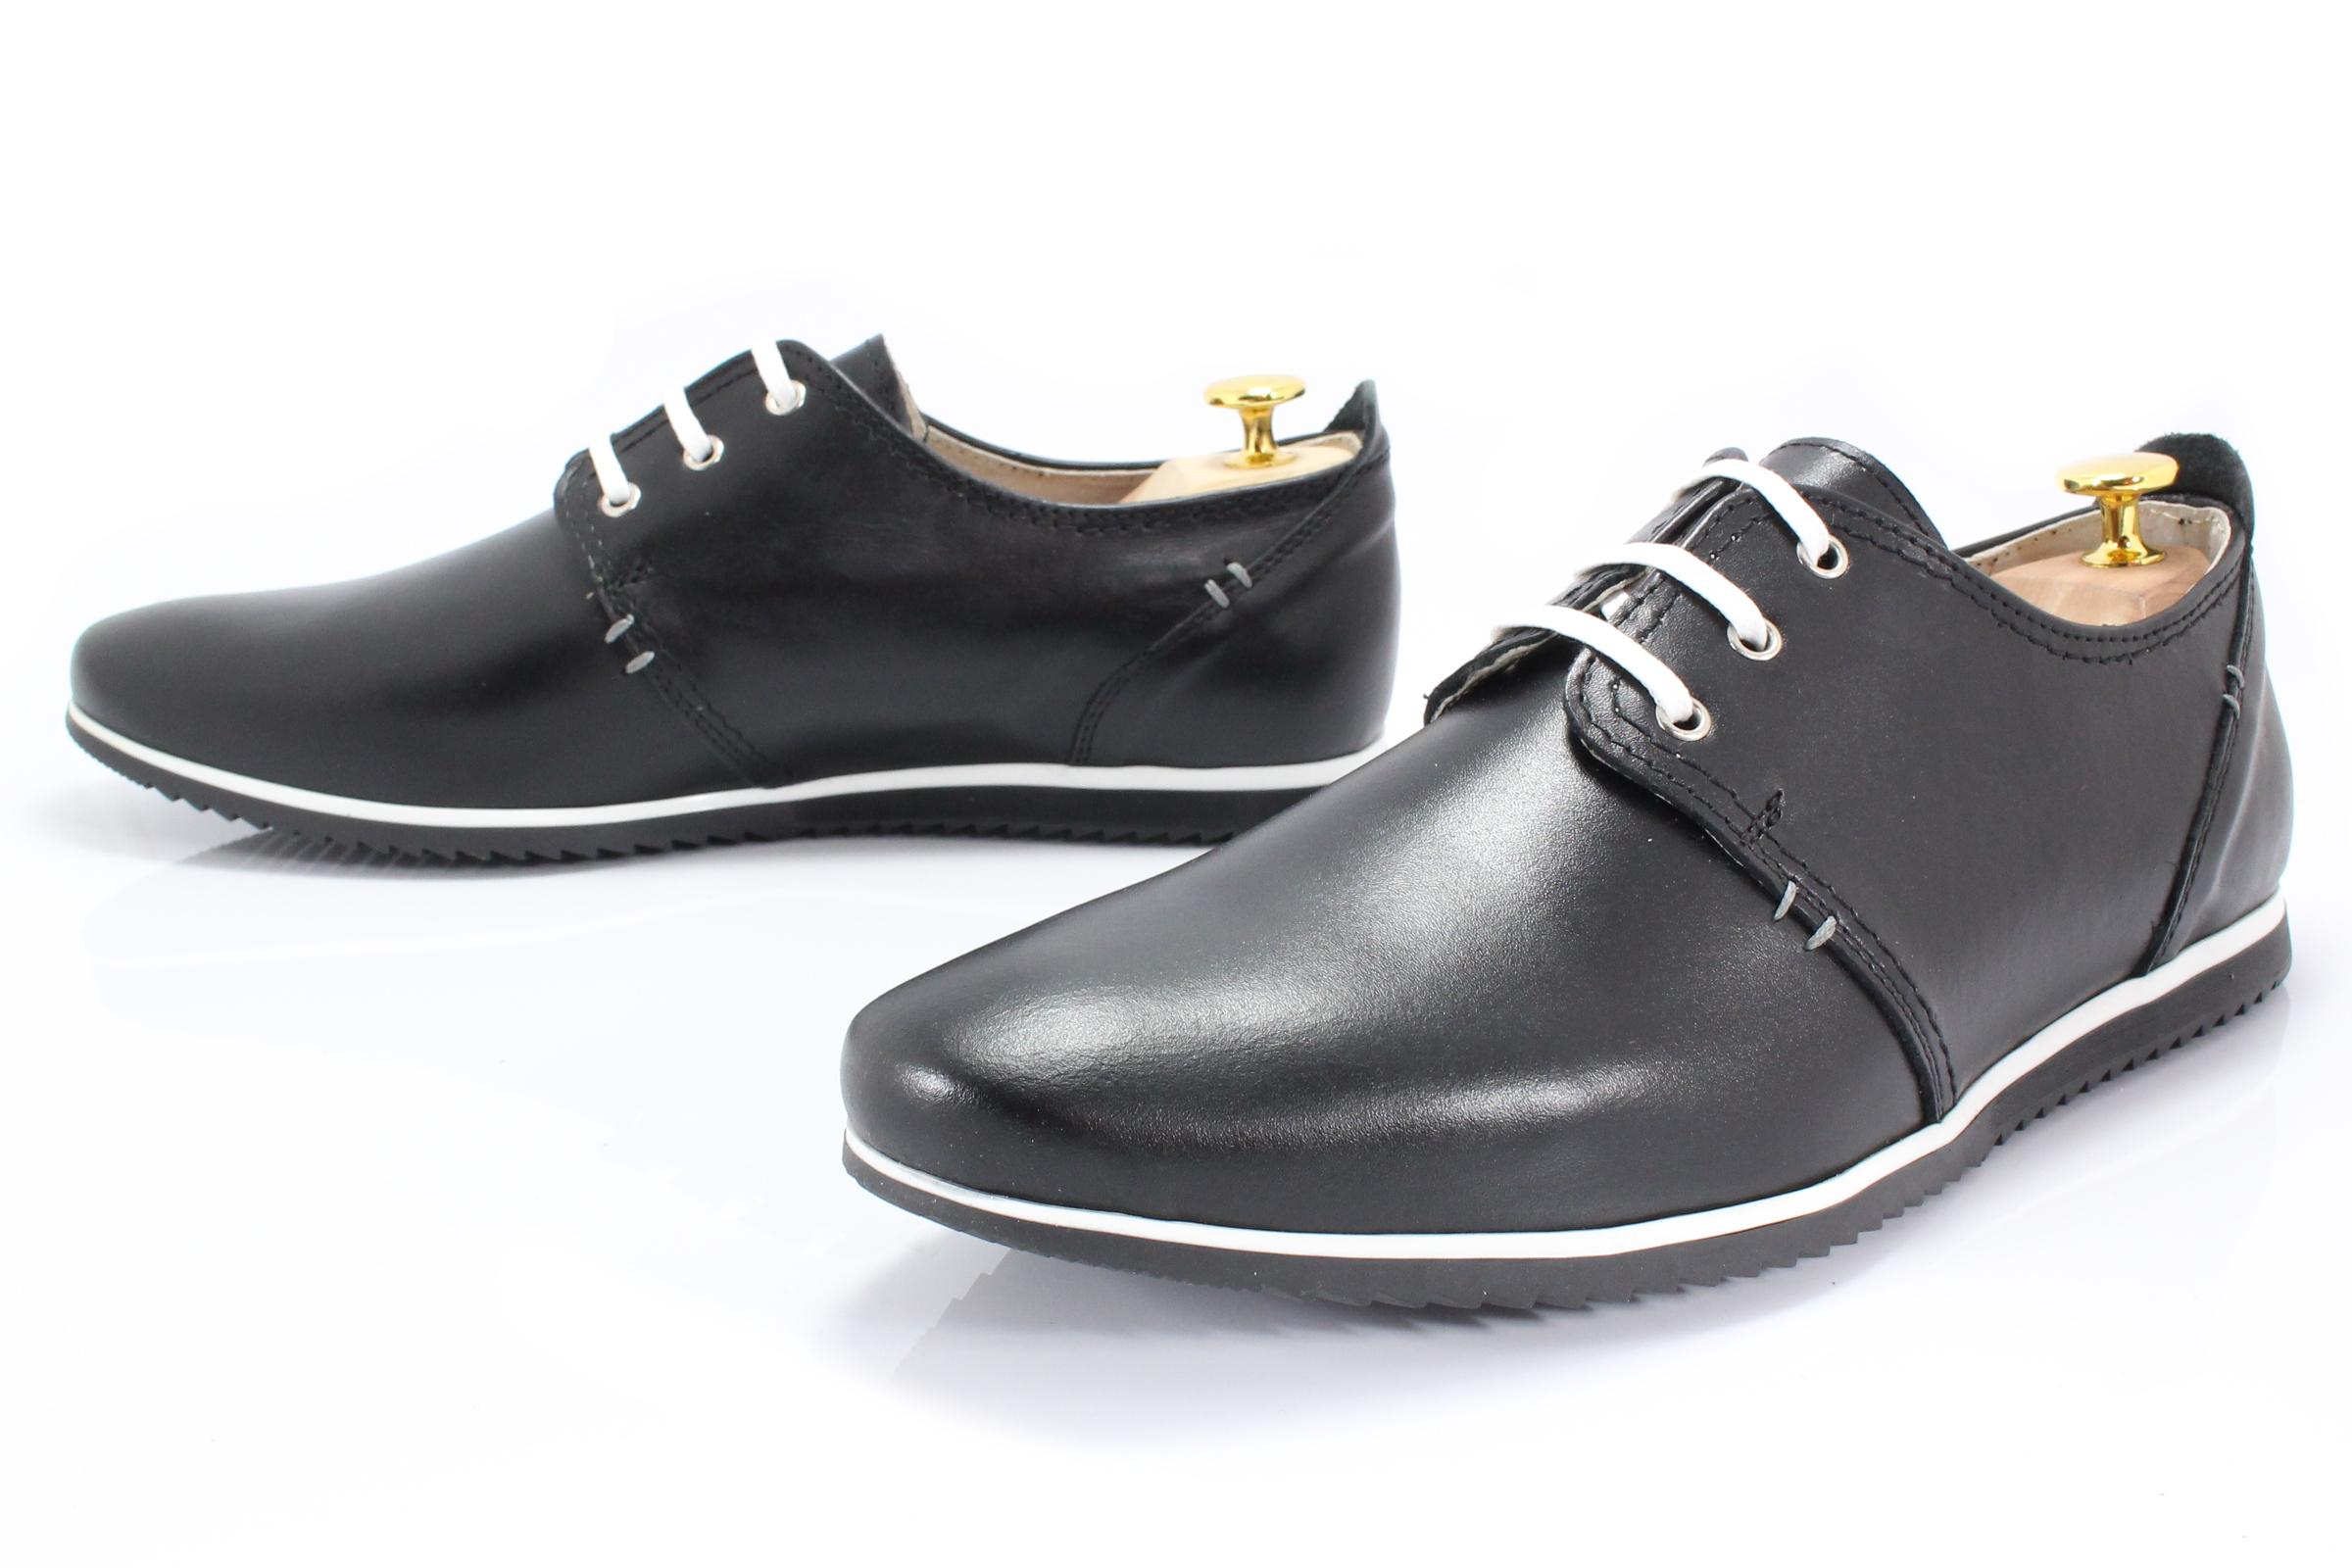 66896e5d843bc KENT 209 CZARNE - Męskie wygodne buty ze skóry - Sklep Obuwniczy KENT